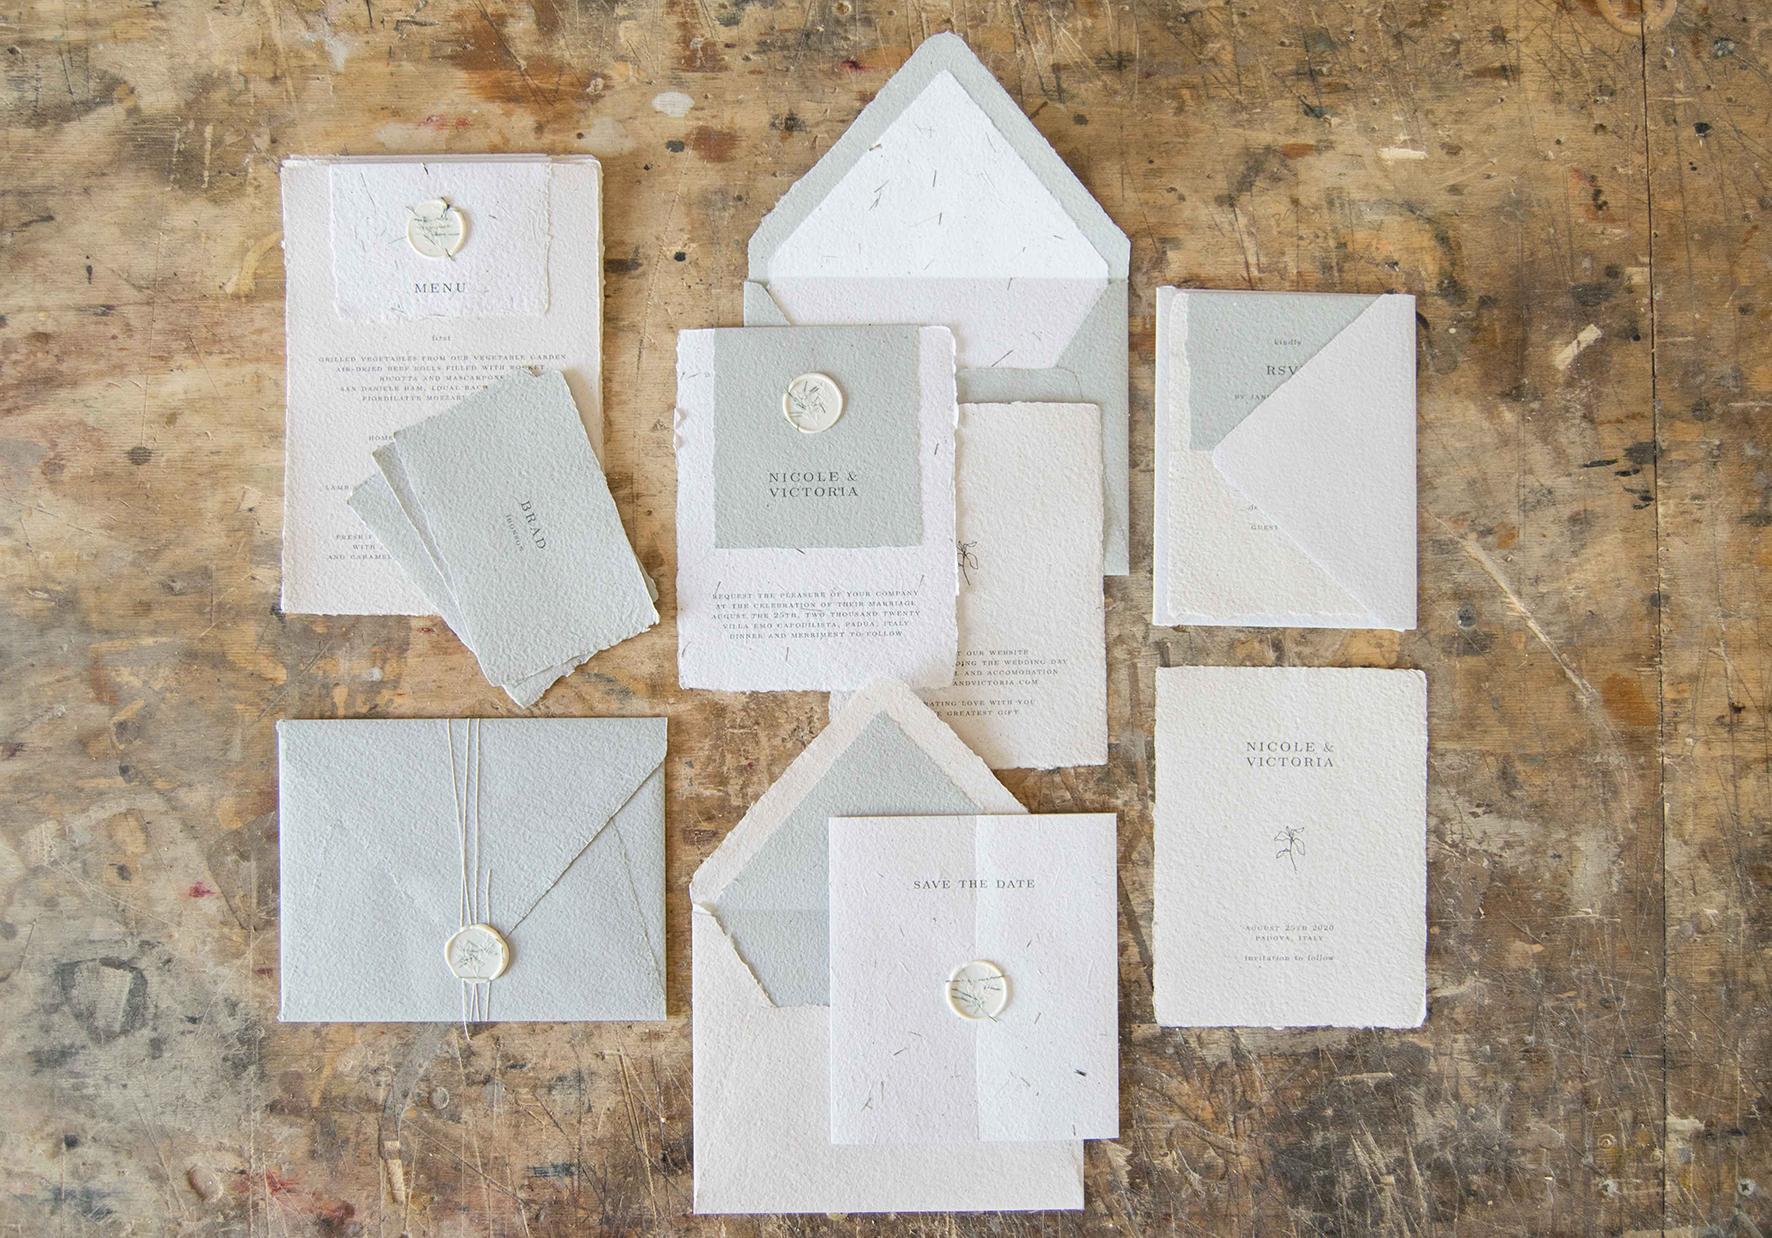 matrimonio sostenibile partecipazioni in carta riciclata